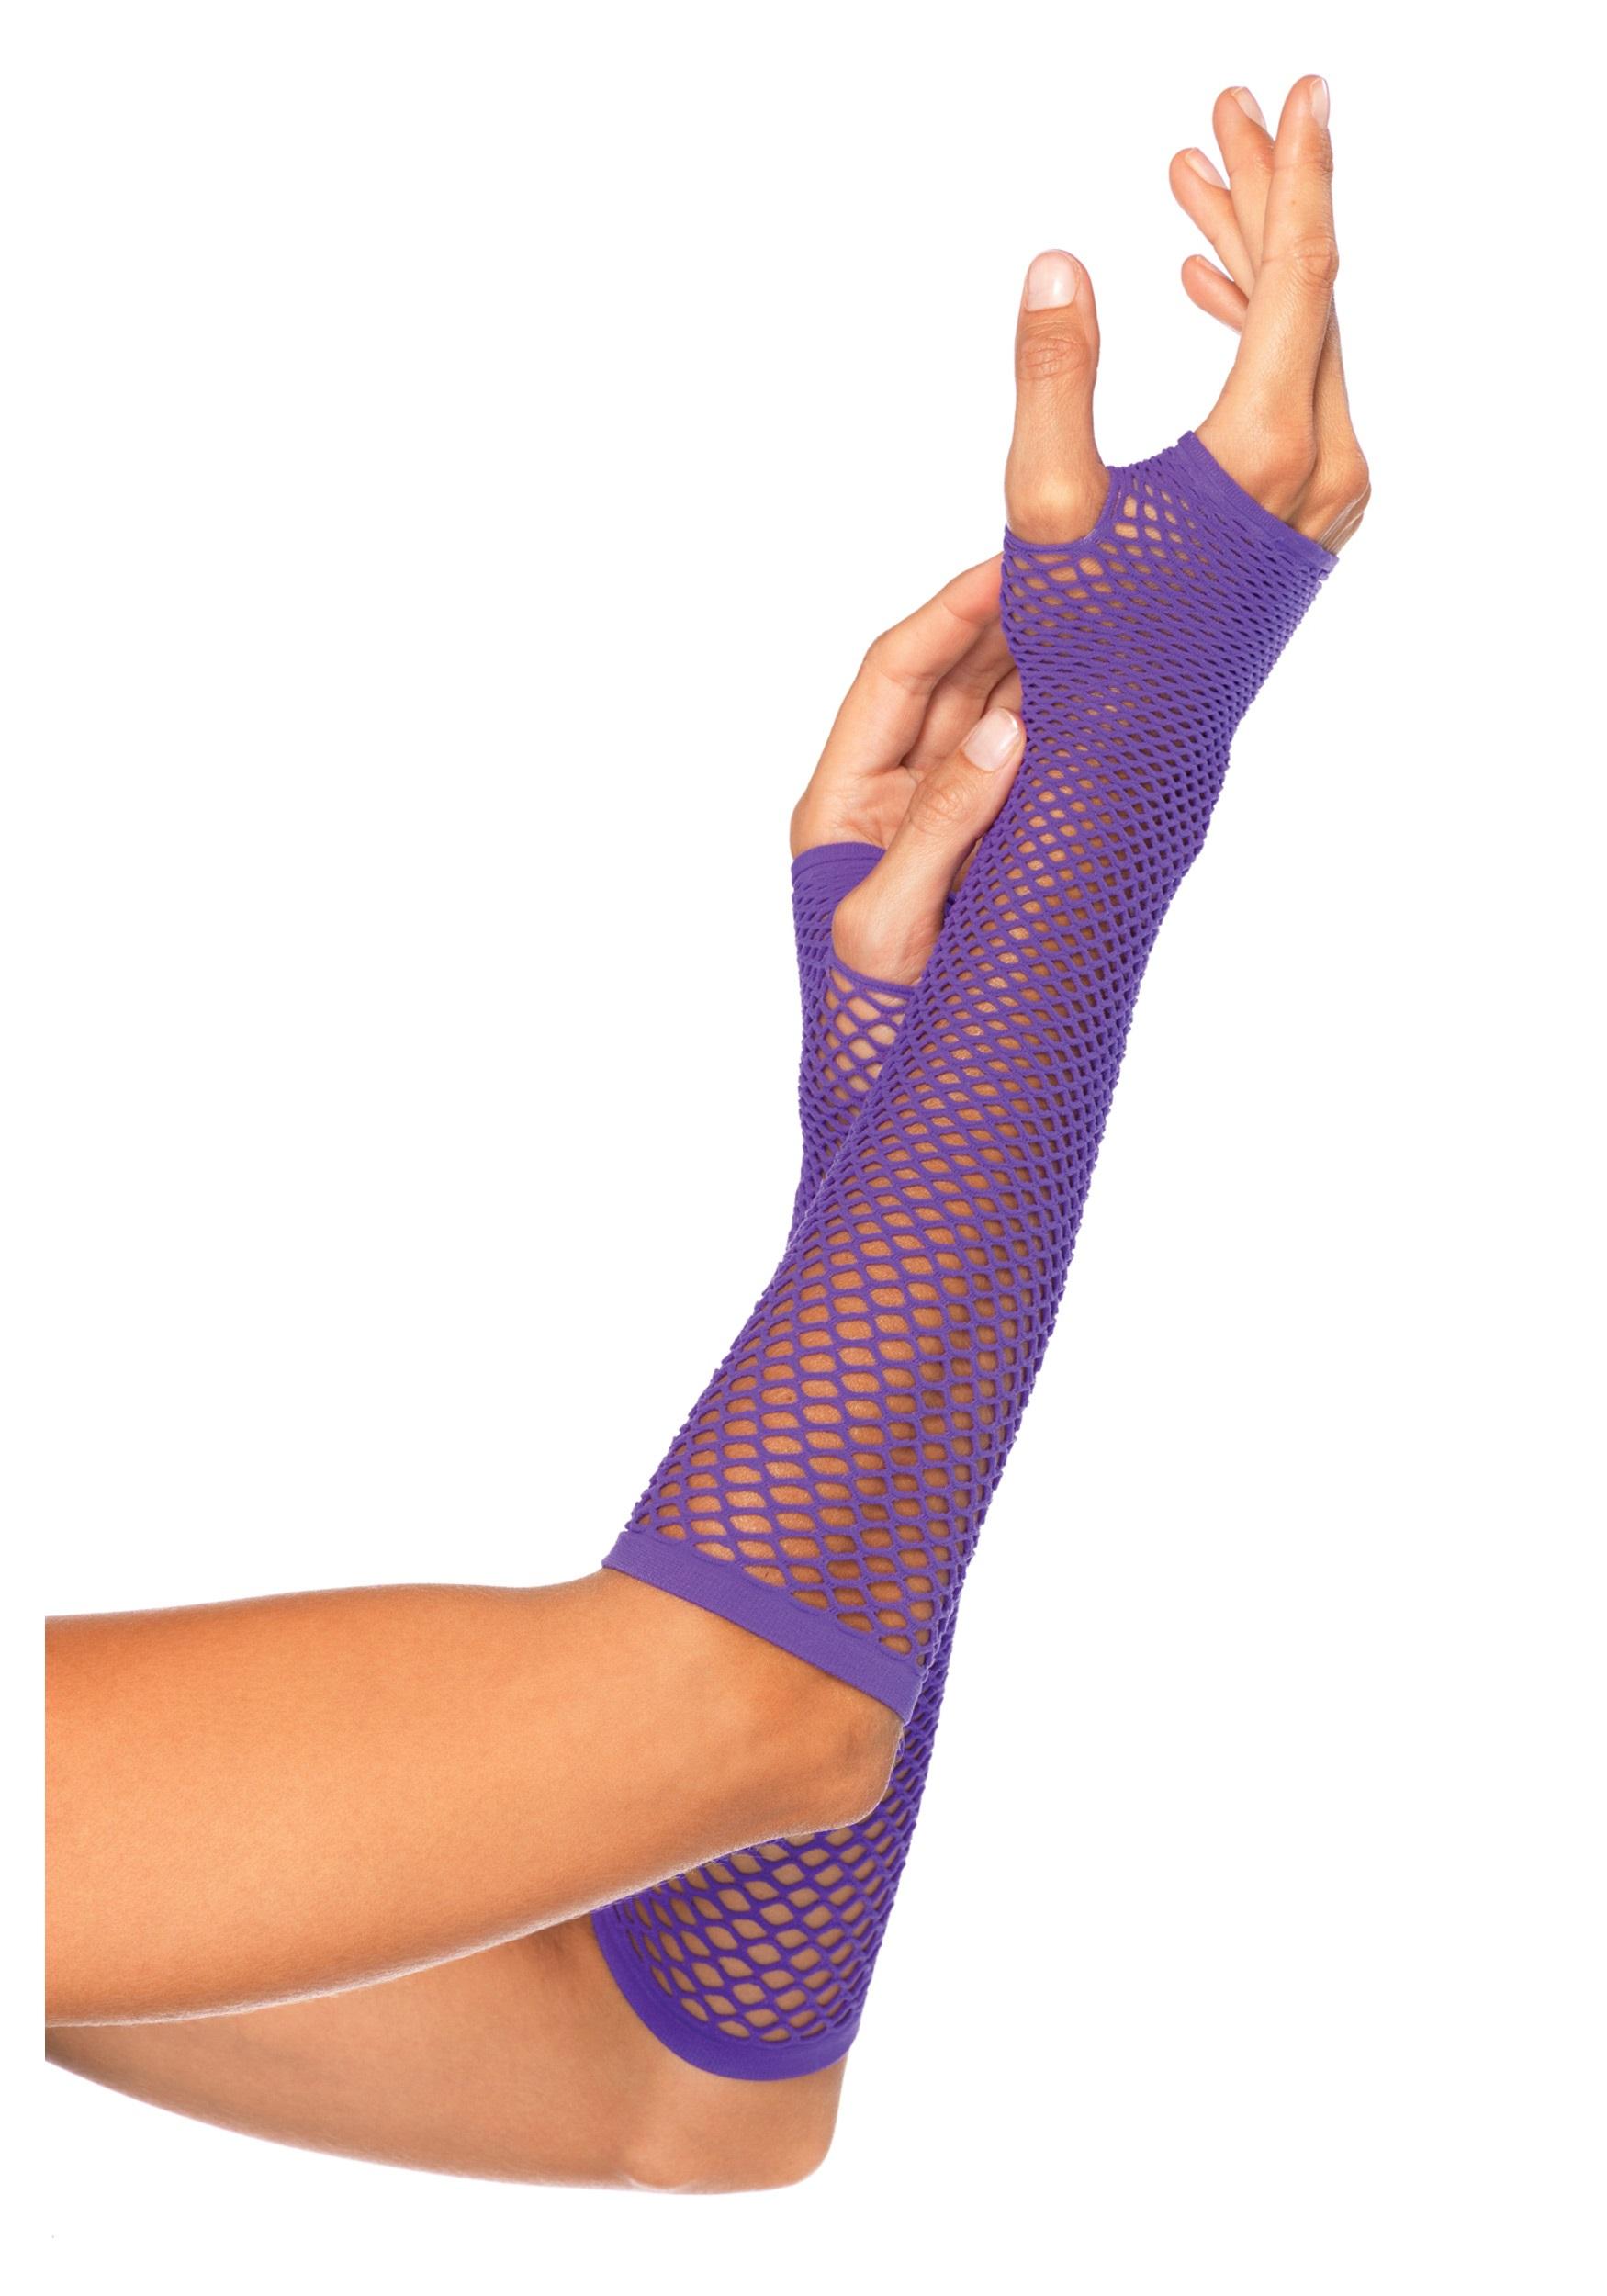 Green Fishnet Gloves But Purple Fishnet Gloves